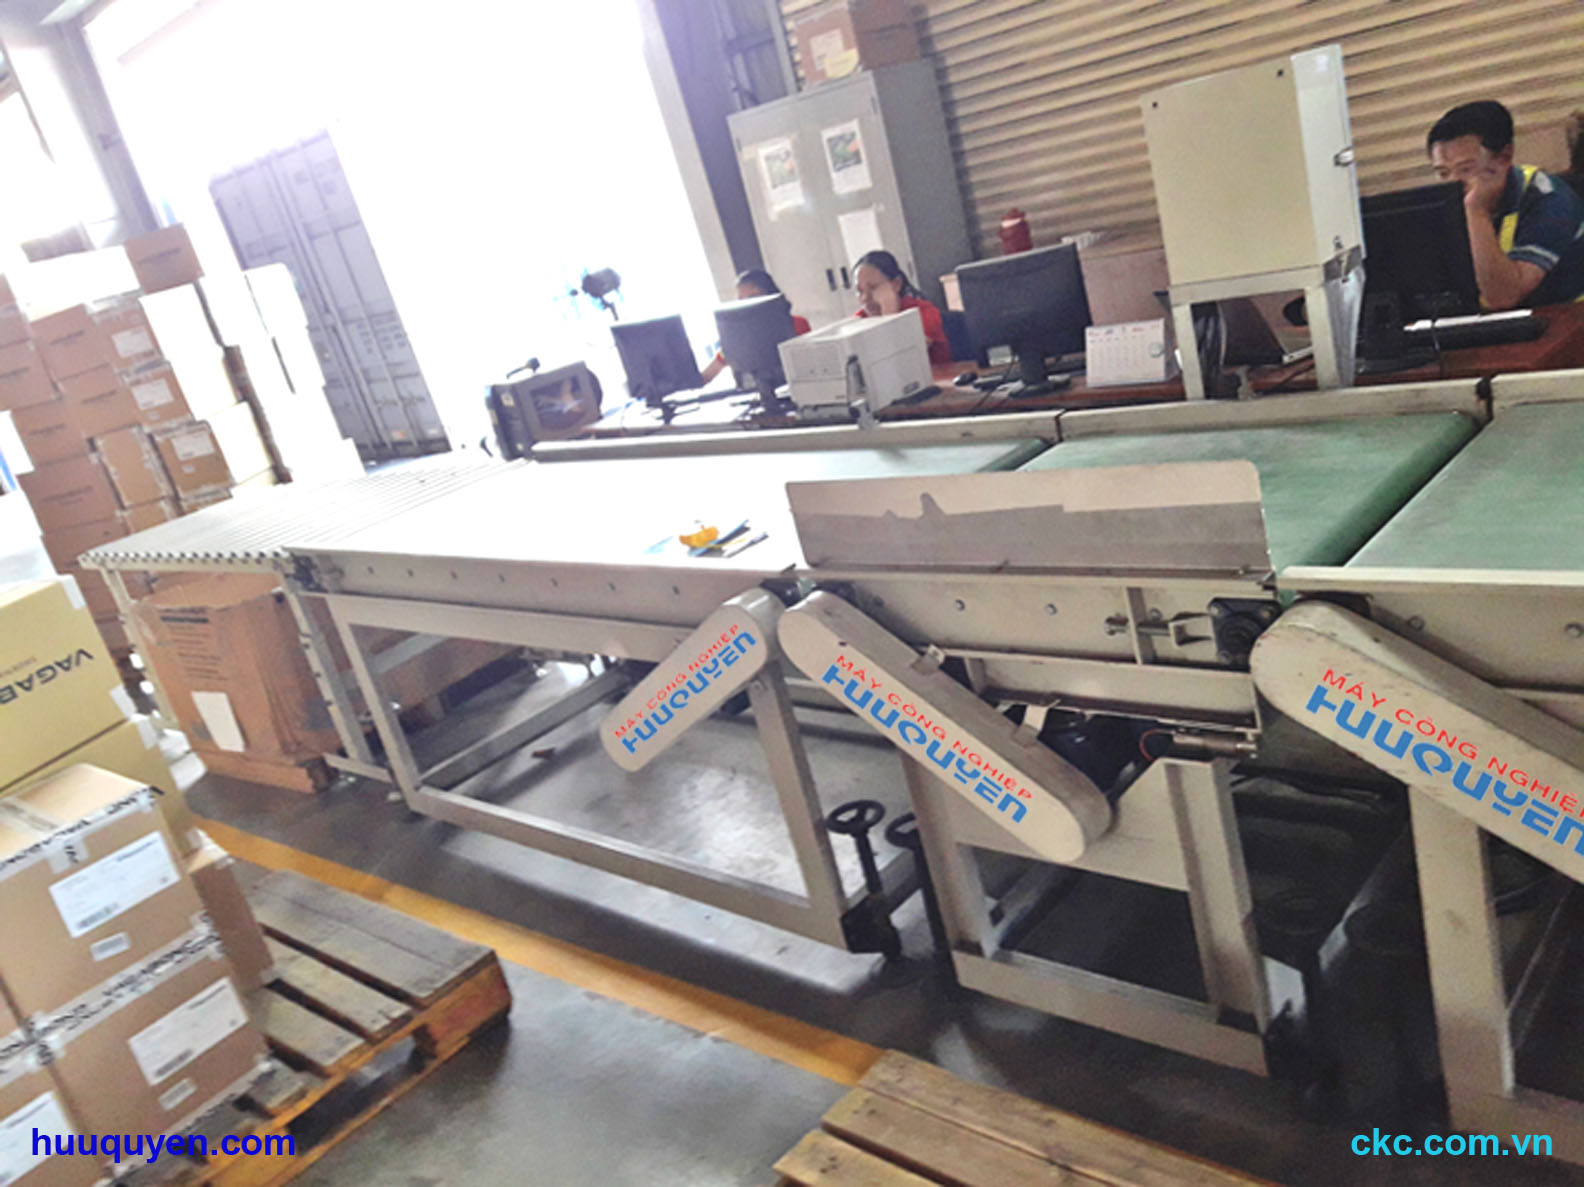 Hệ thống băng tải cân, kiểm tra, phân loại sản phẩm